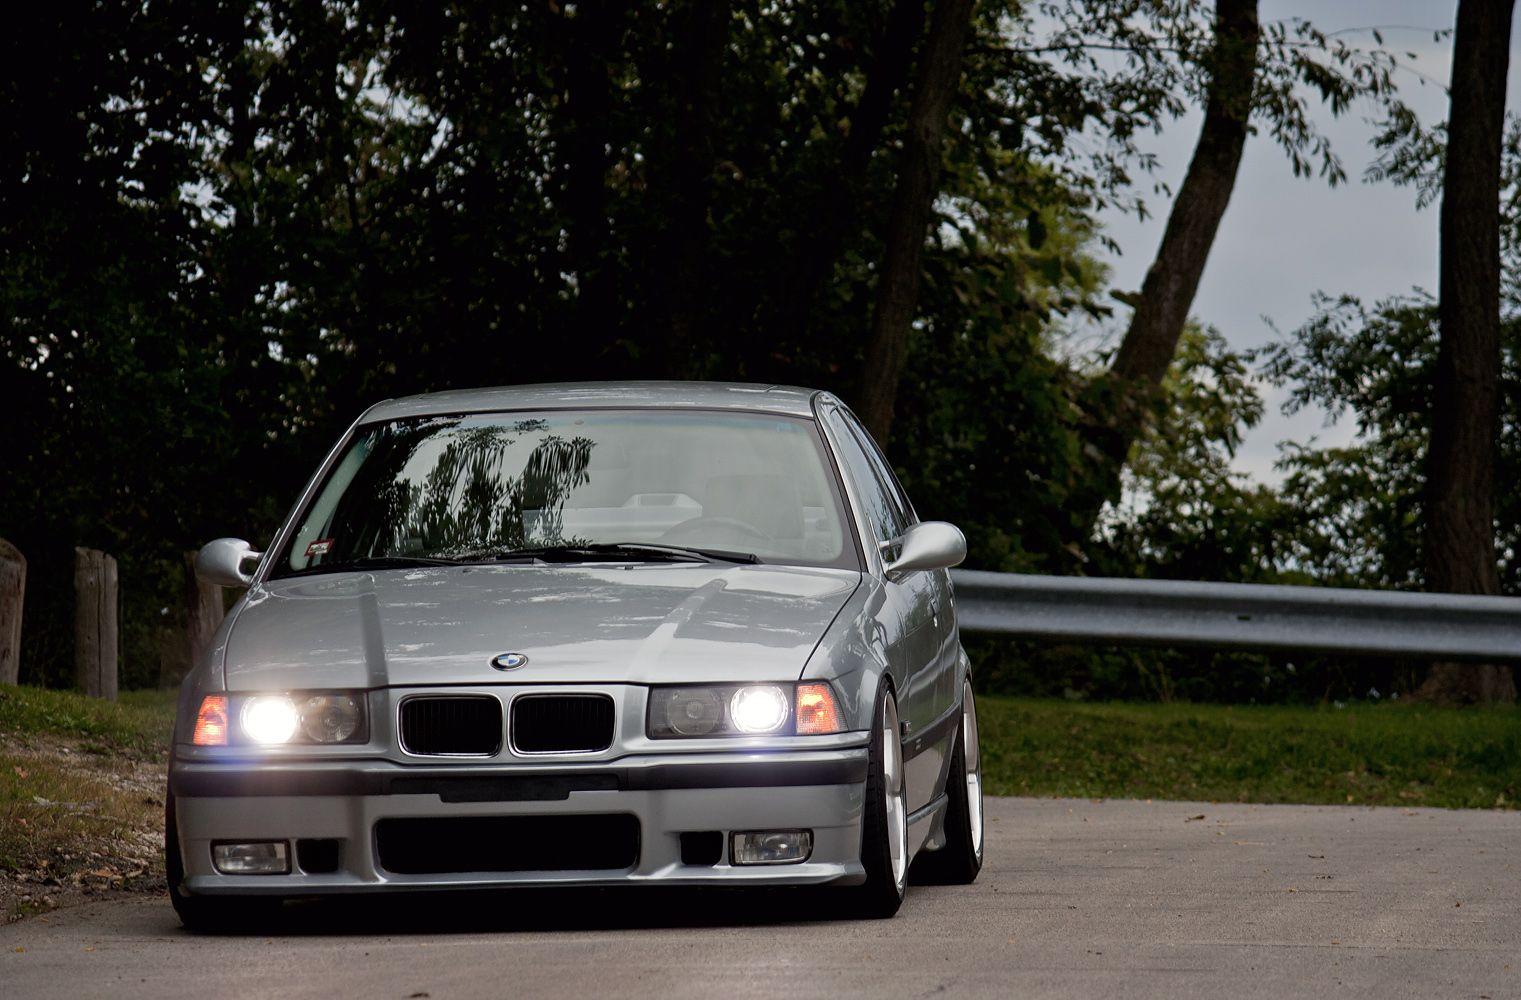 Bmw E36 M3 Silver With Images Bmw E36 Touring Bmw Bmw E36